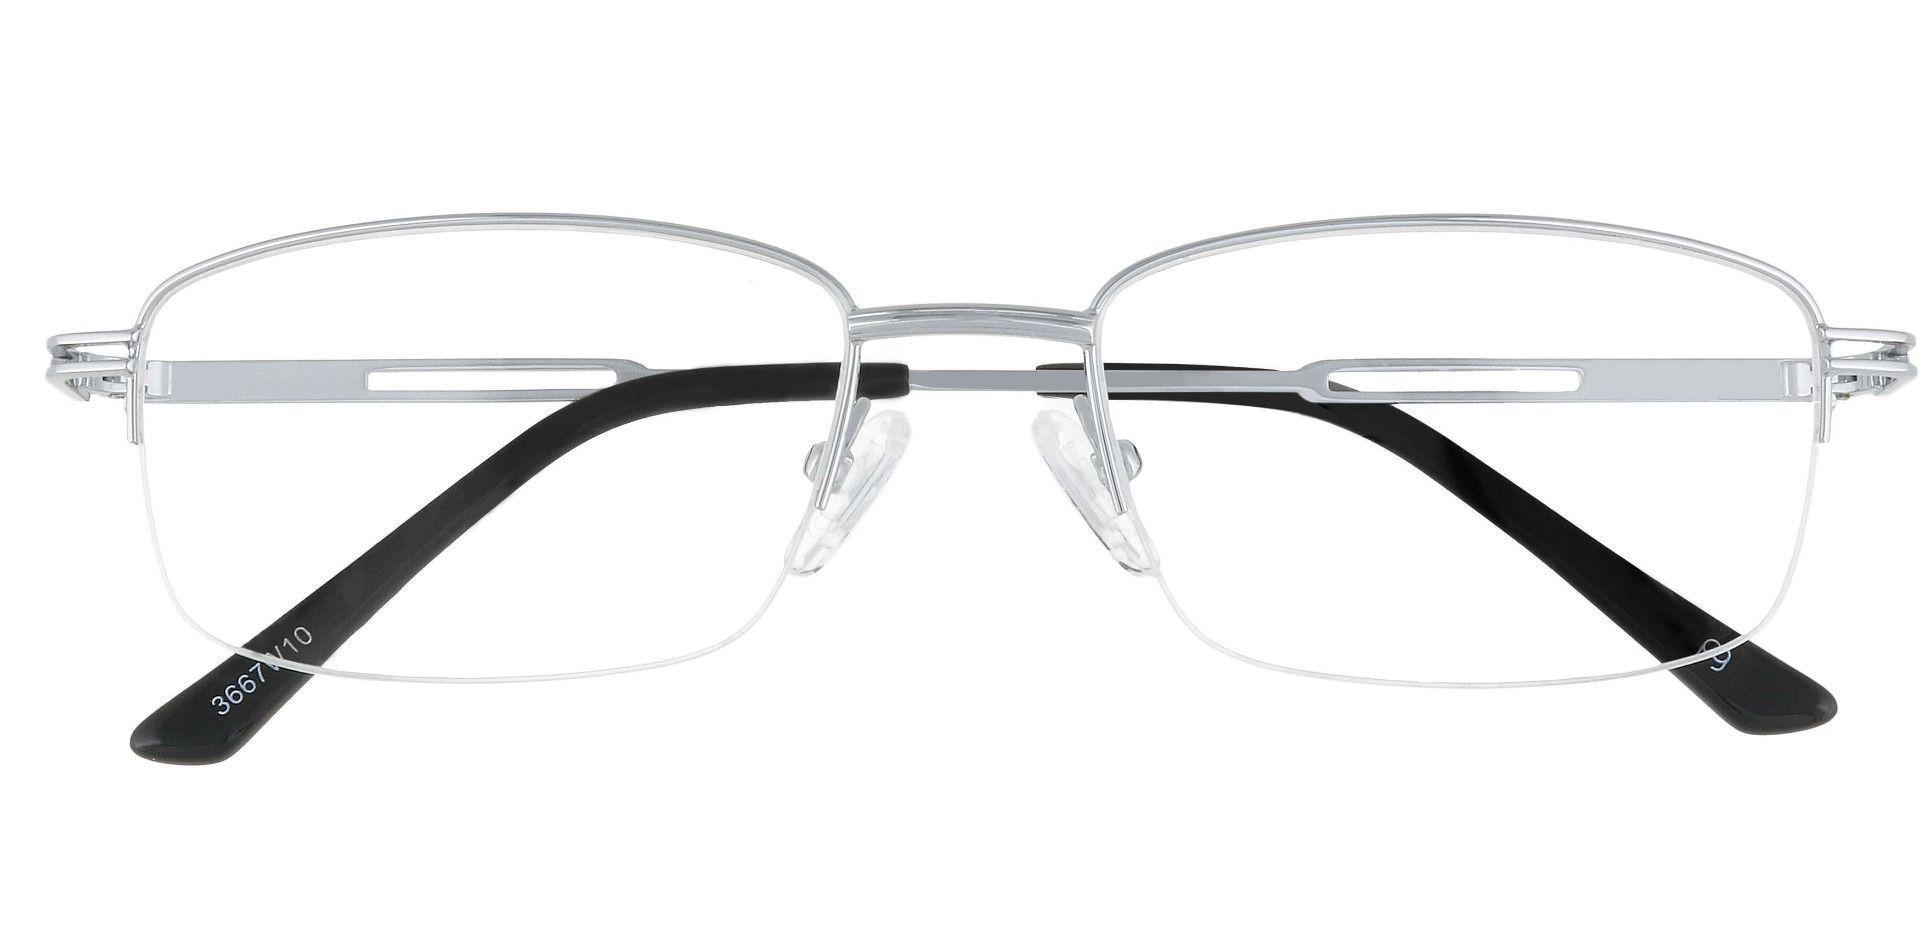 Stewart Rectangle Prescription Glasses - White